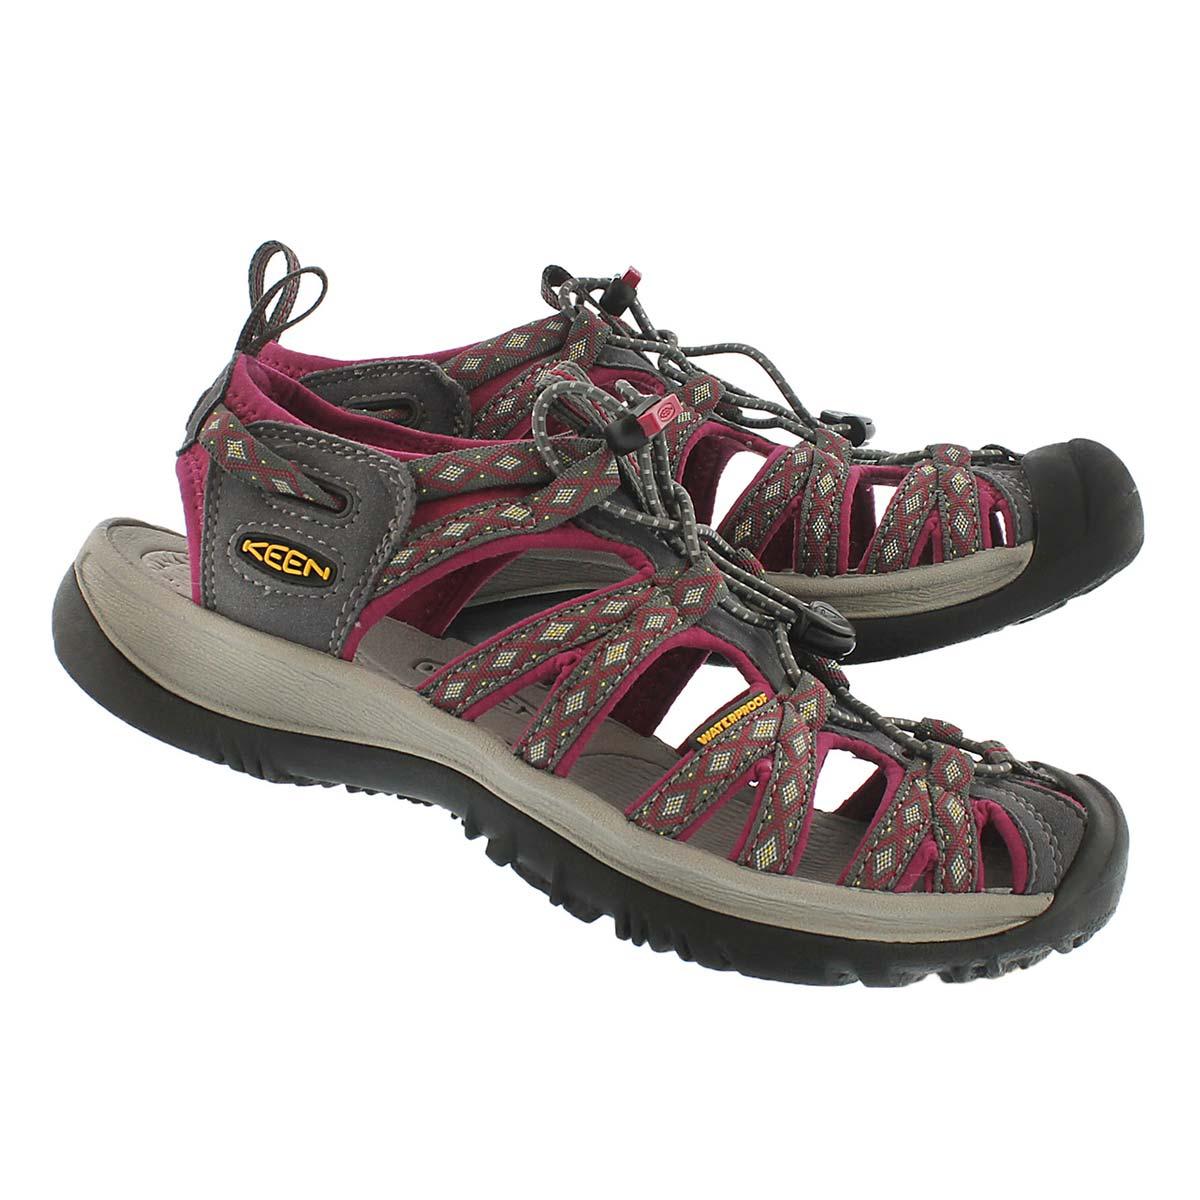 Lds Whisper magnet/sangria sport sandal